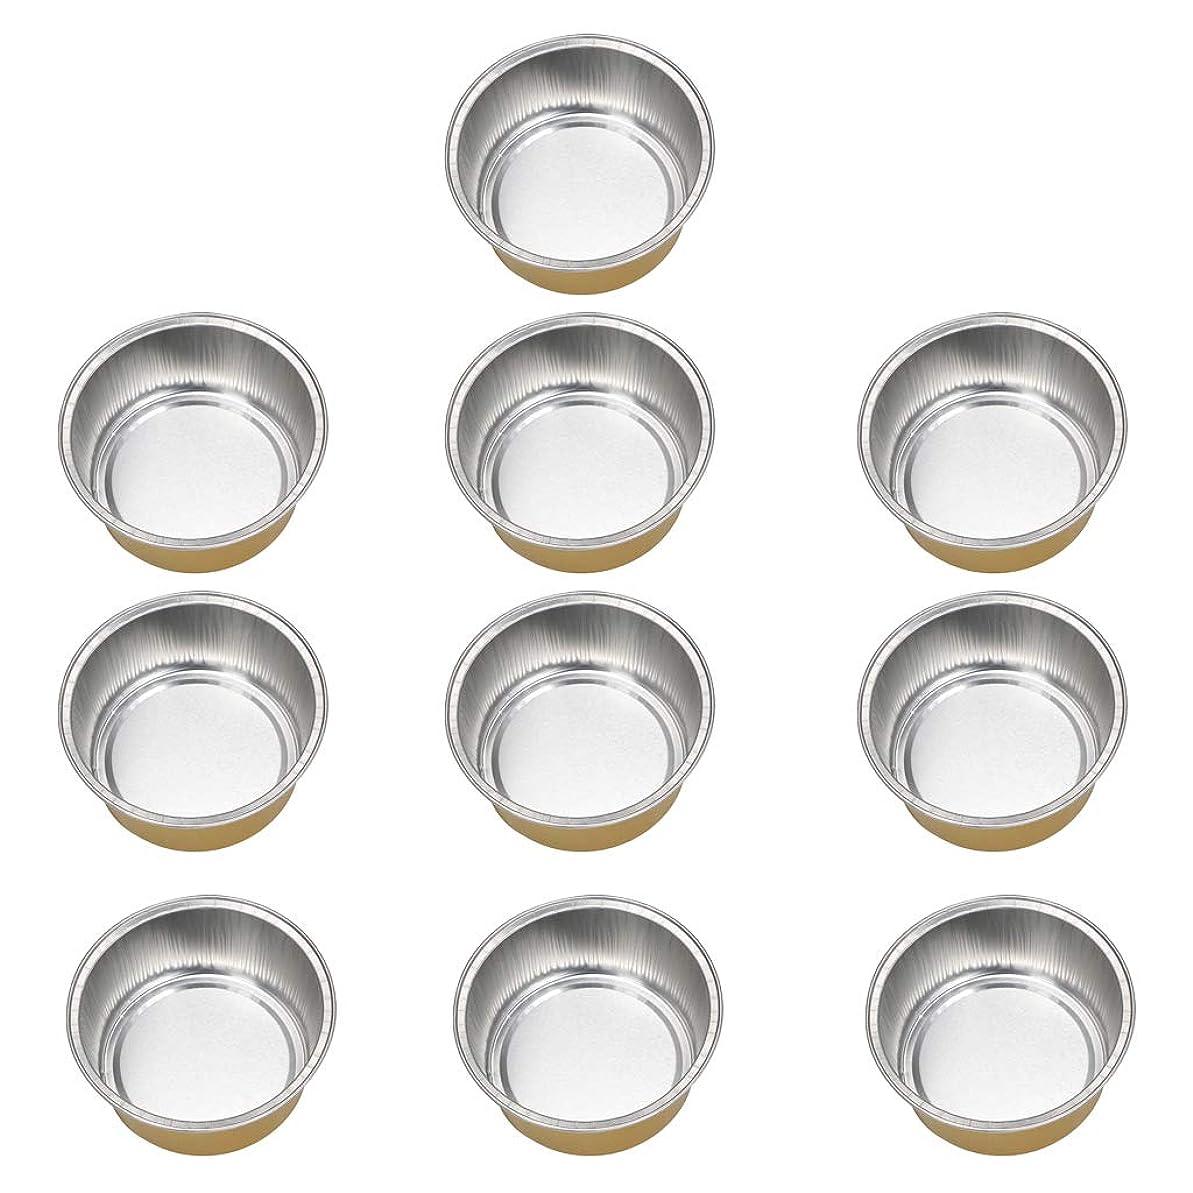 ベーコン言語学ヘッドレスFLAMEER 10個 ワックスボウル ミニボウル アルミホイルボウル ワックス豆体 溶融 衛生的 2種選ぶ - ゴールデン2, 02